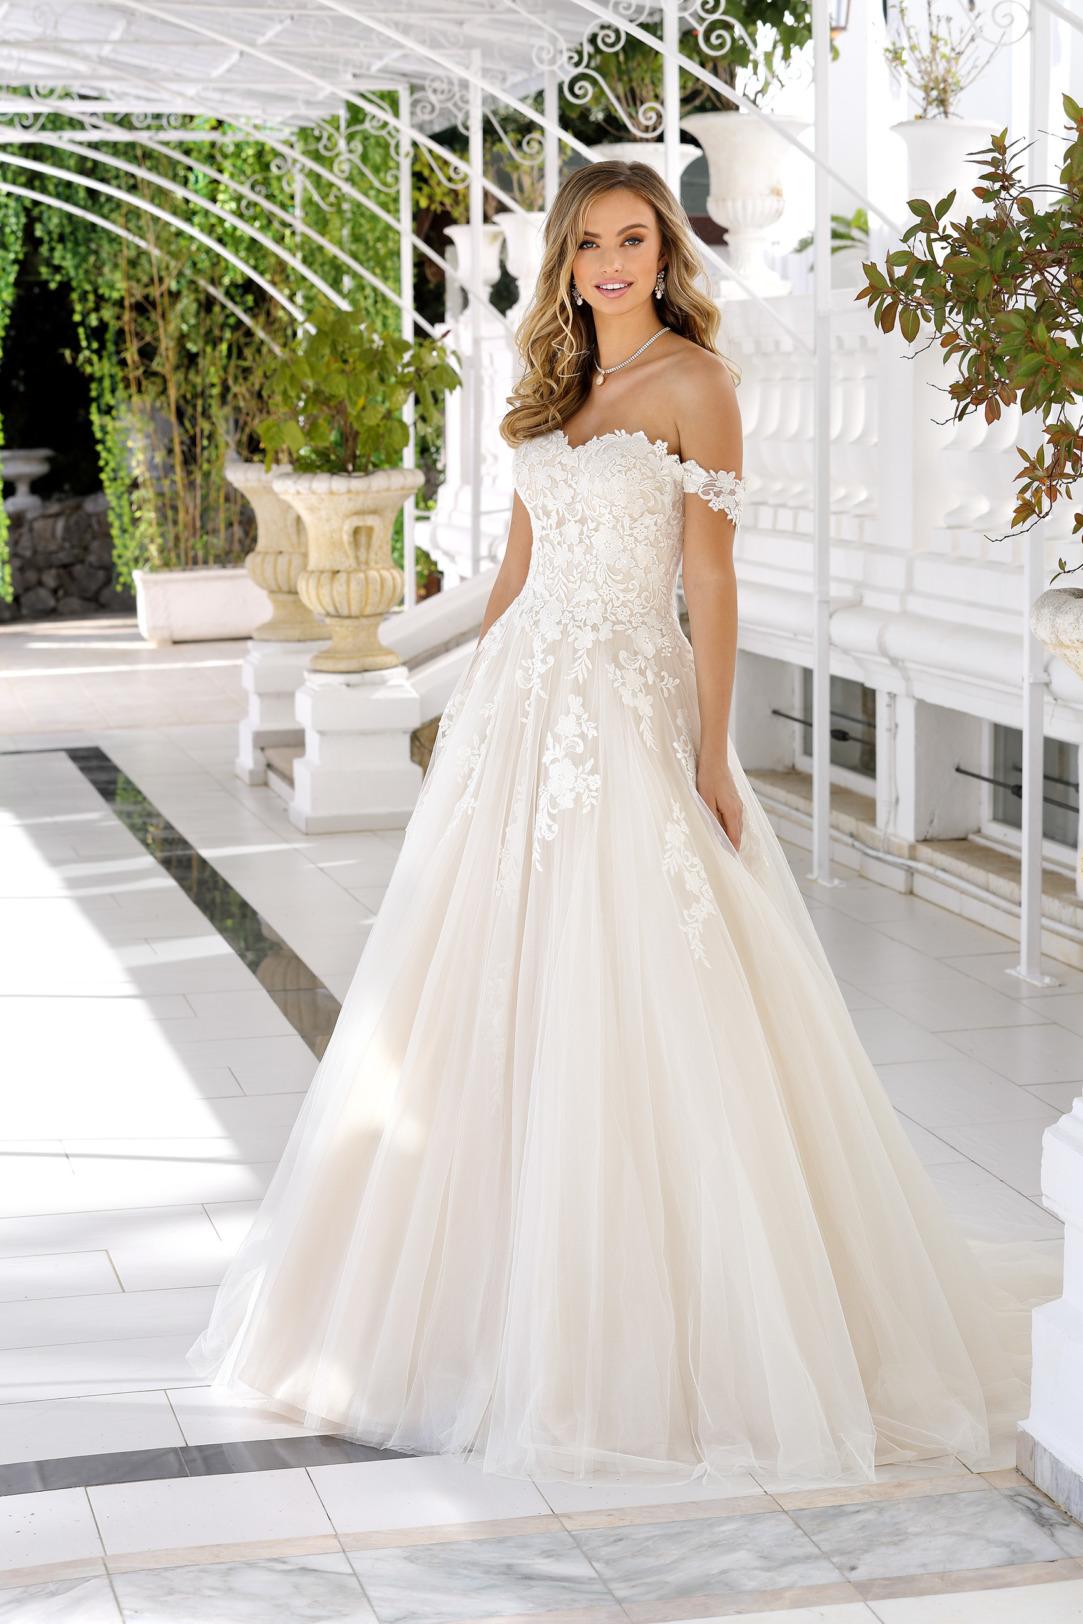 Brautkleider Hochzeitskleider Ladybird aufwendiger Prinzessinnenstil Stil Style Form Applikationen aus Spitze Herz Corsage lange Schleppe weiter Tüll Rock